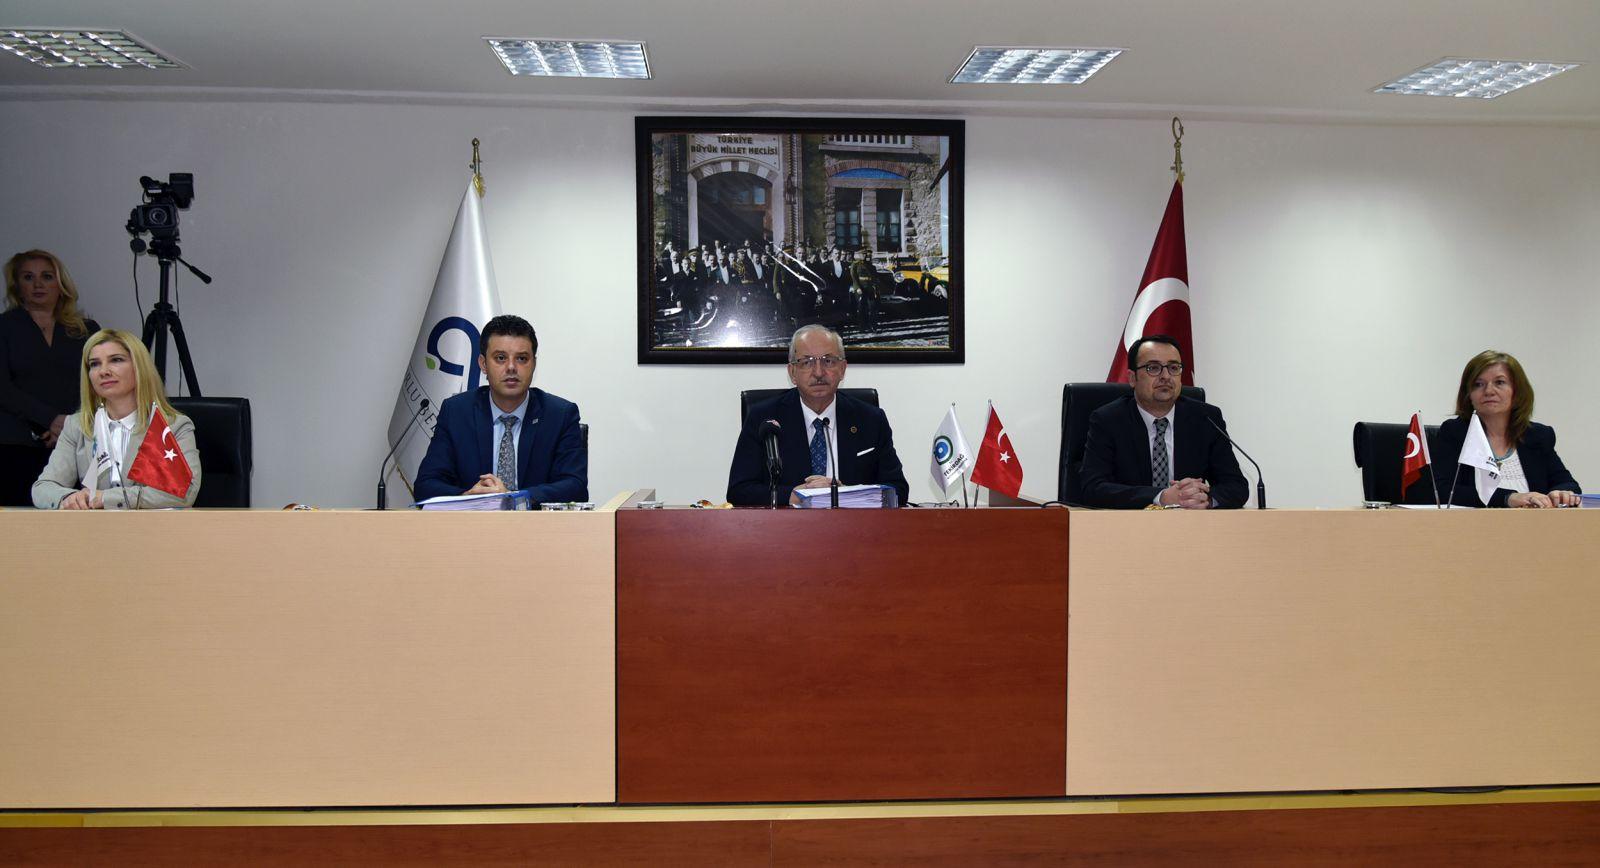 Tekirdağ Büyükşehir Belediye Meclis Toplantısı Çorlu'da Yapıldı